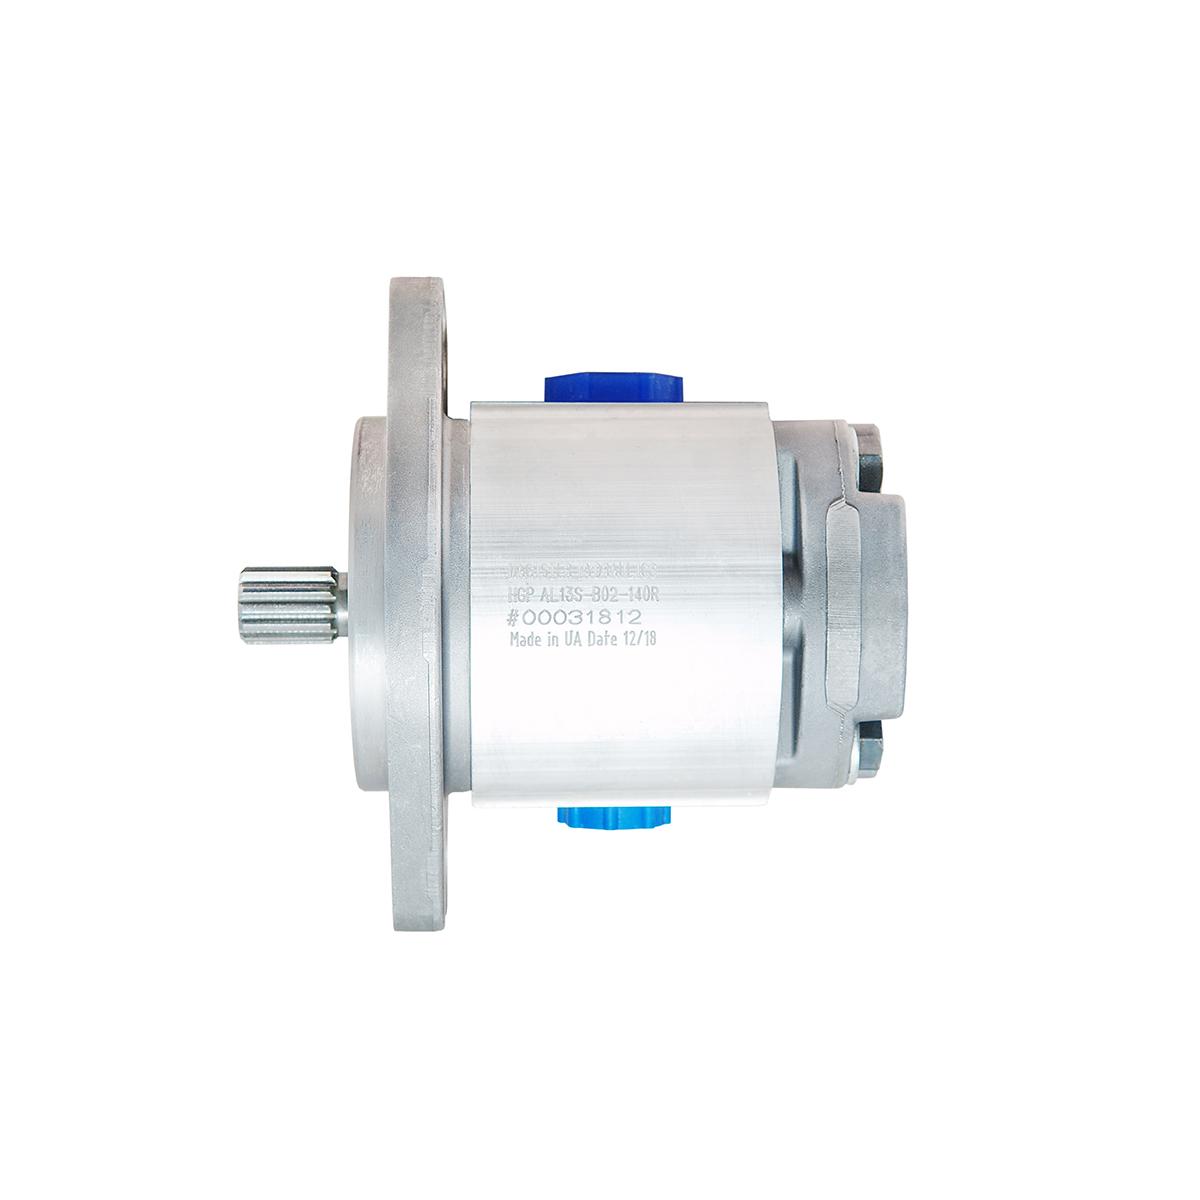 1.16 CID hydraulic gear pump, 13 tooth spline shaft counter-clockwise gear pump | Magister Hydraulics